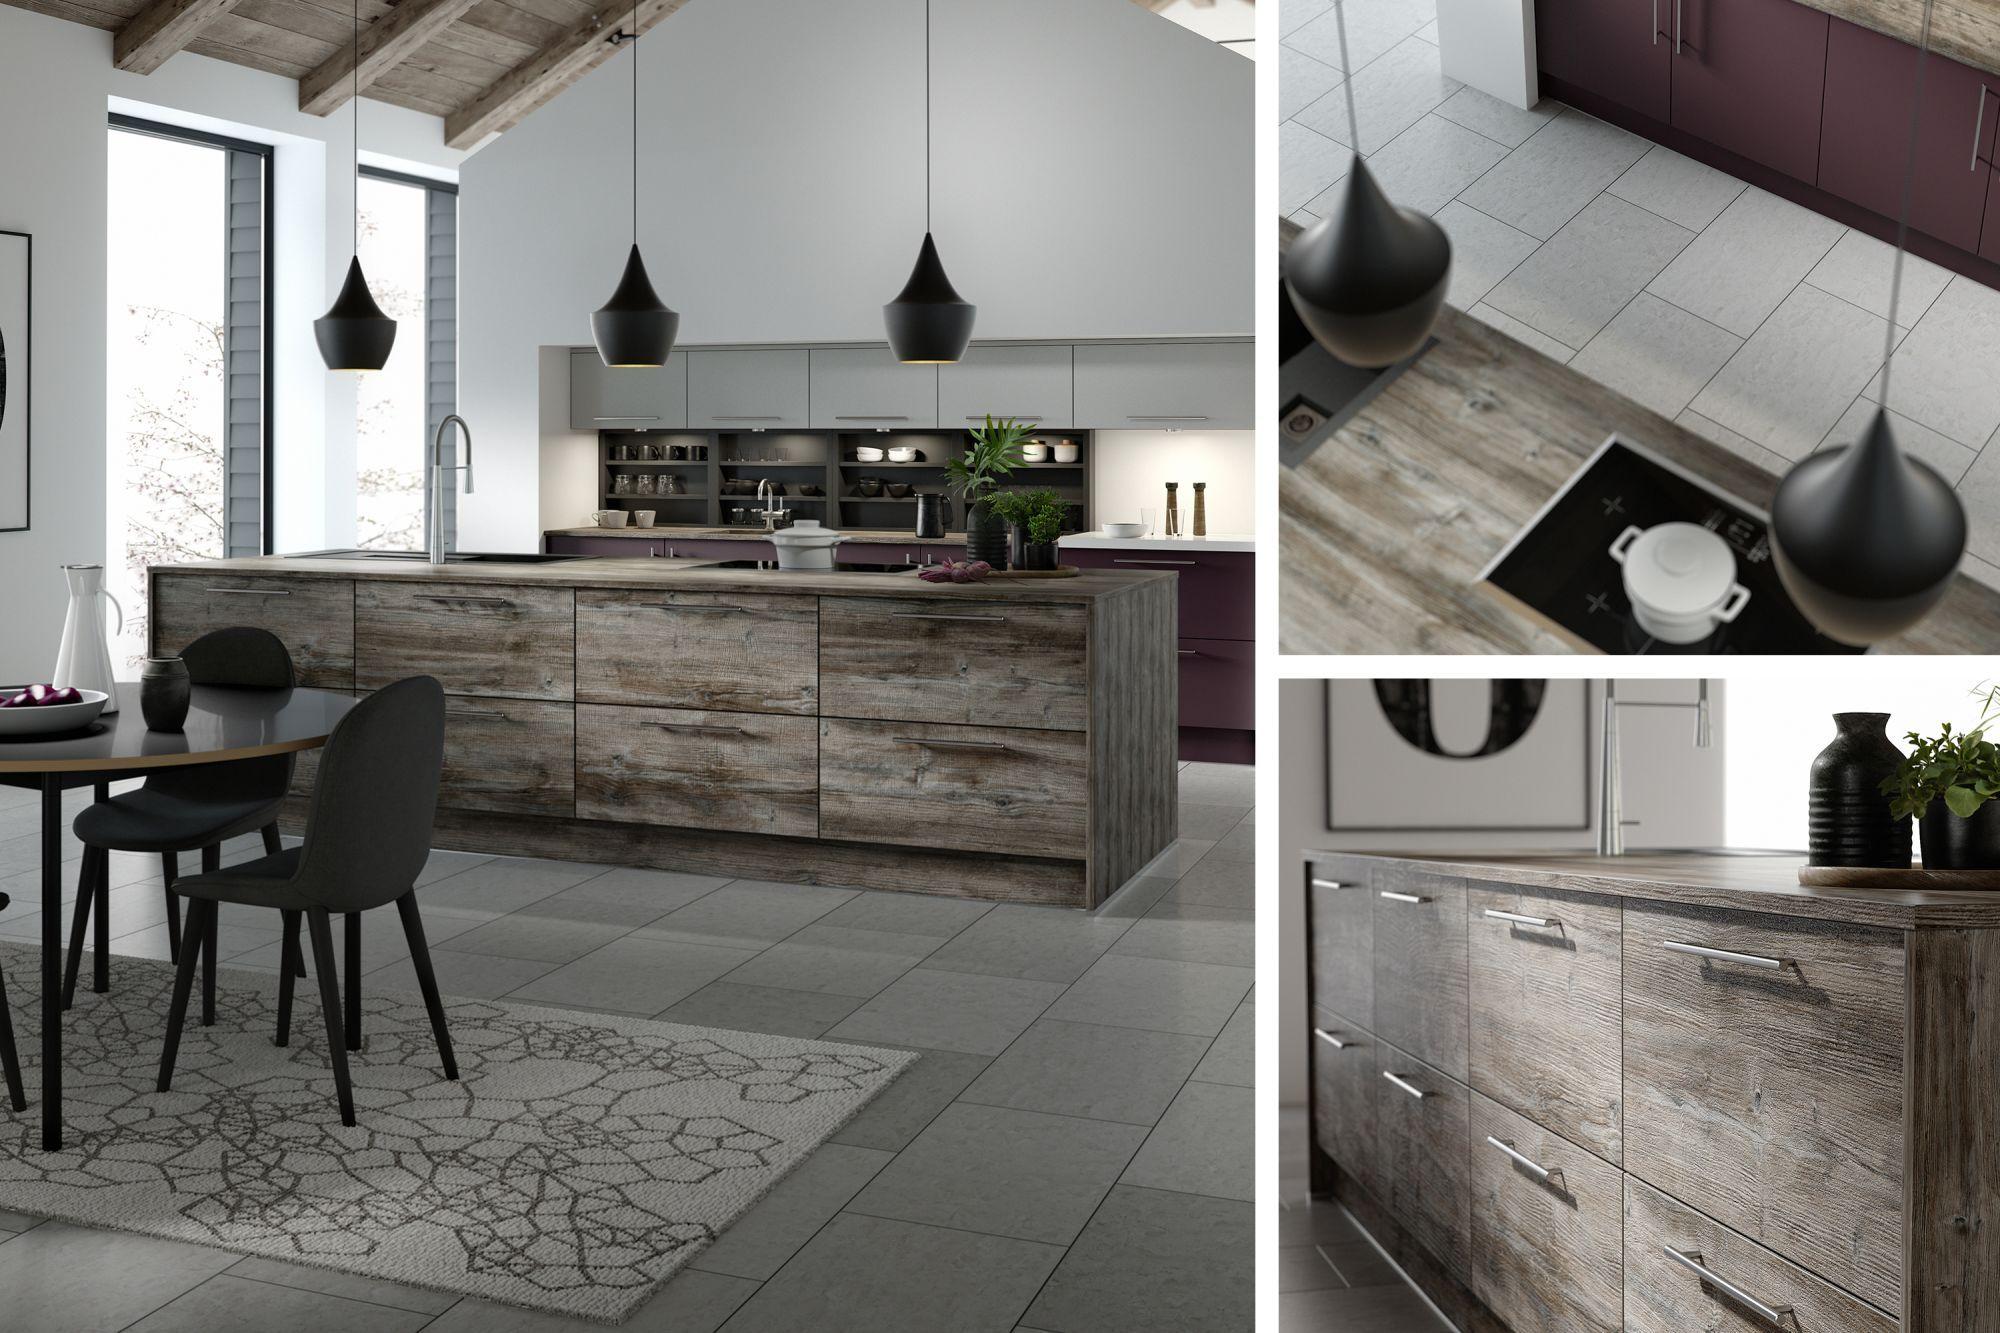 Latest Kitchen Design Trends 2019 Wren kitchen, Kitchen